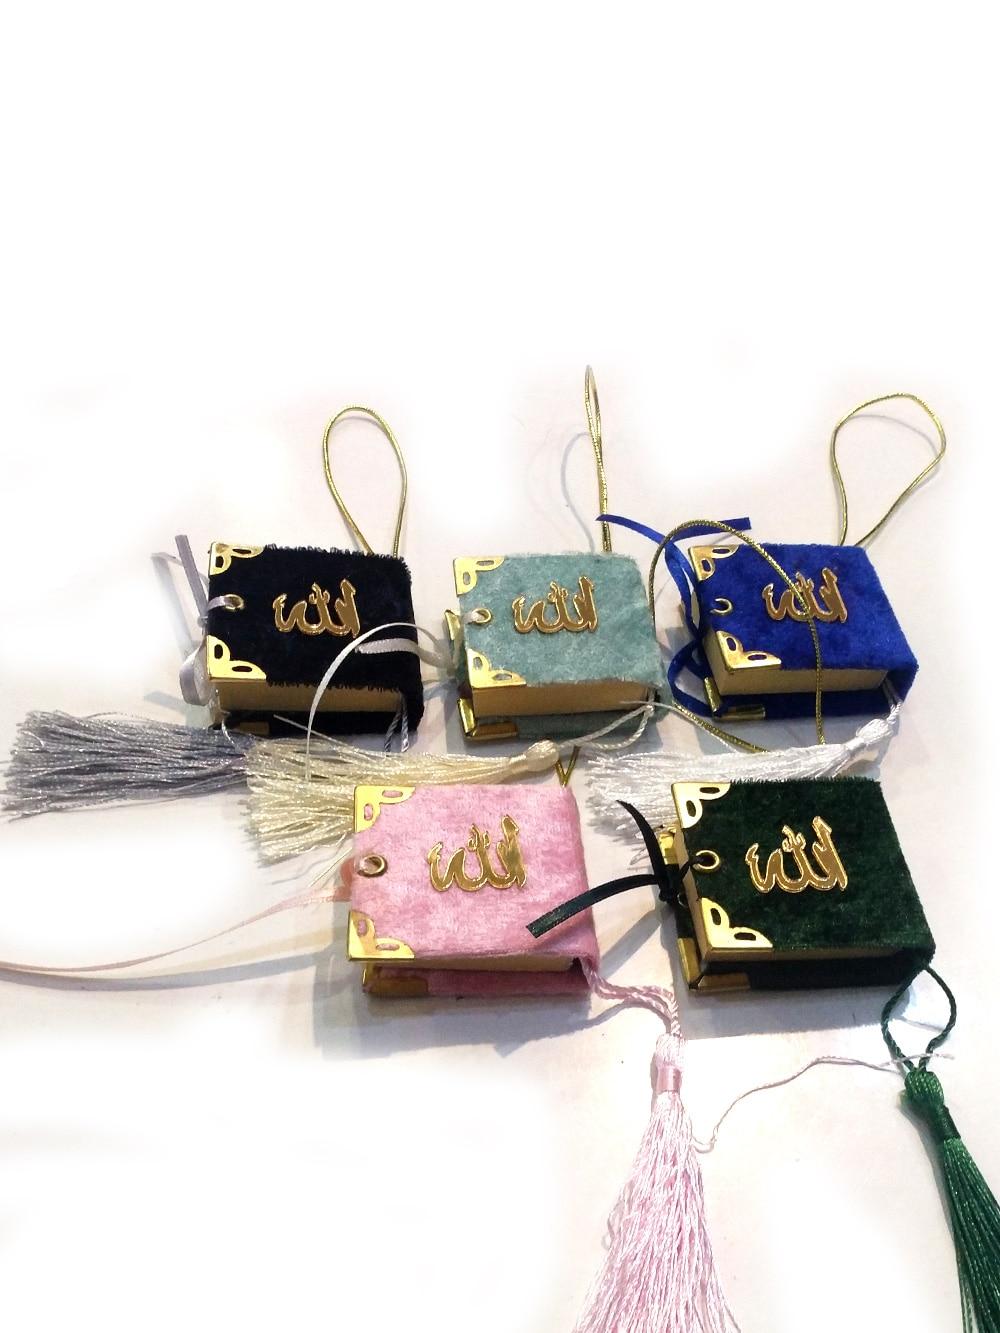 100 PCS Mini Quran Islamic Gift Eid Ramadan Mubarak Colorful Economic Umrah Hajj Mawlid Rearview Kuran Favors Ornament Arabic